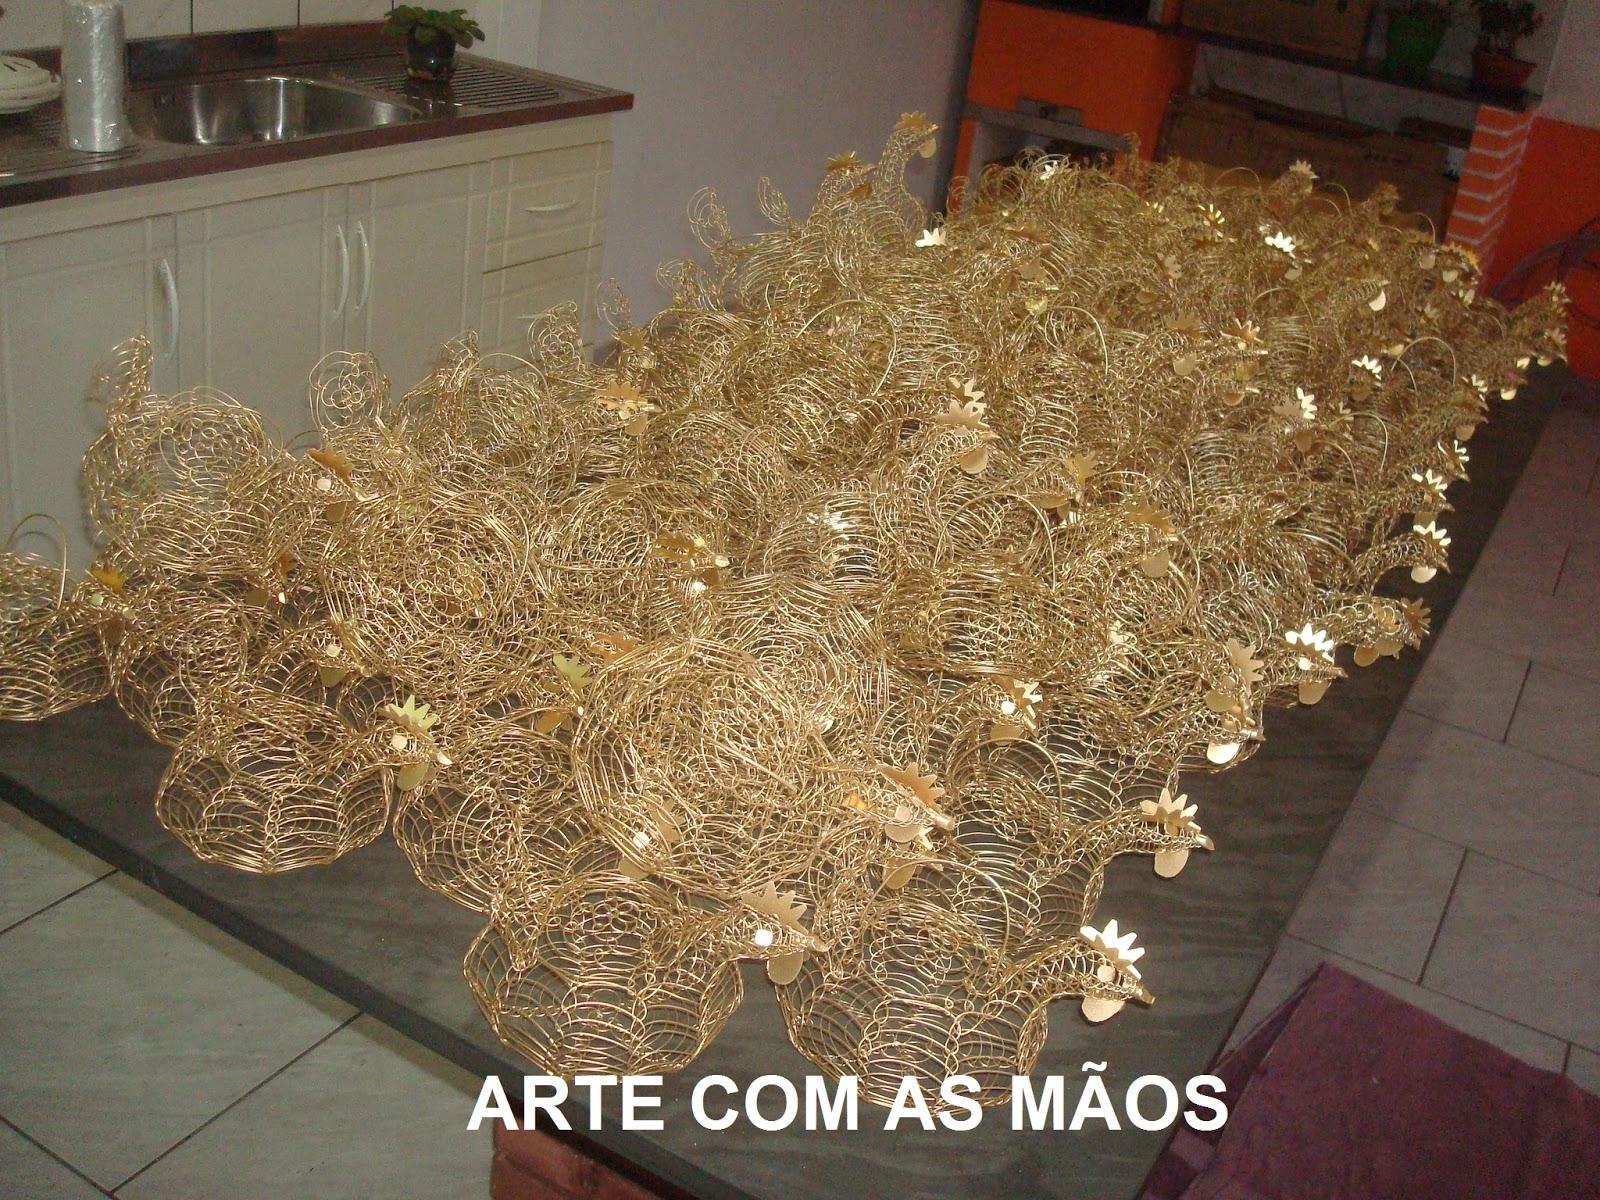 De Aparador En Ingles ~ ARTE COM AS MÃOS Galinhas de arame dourado